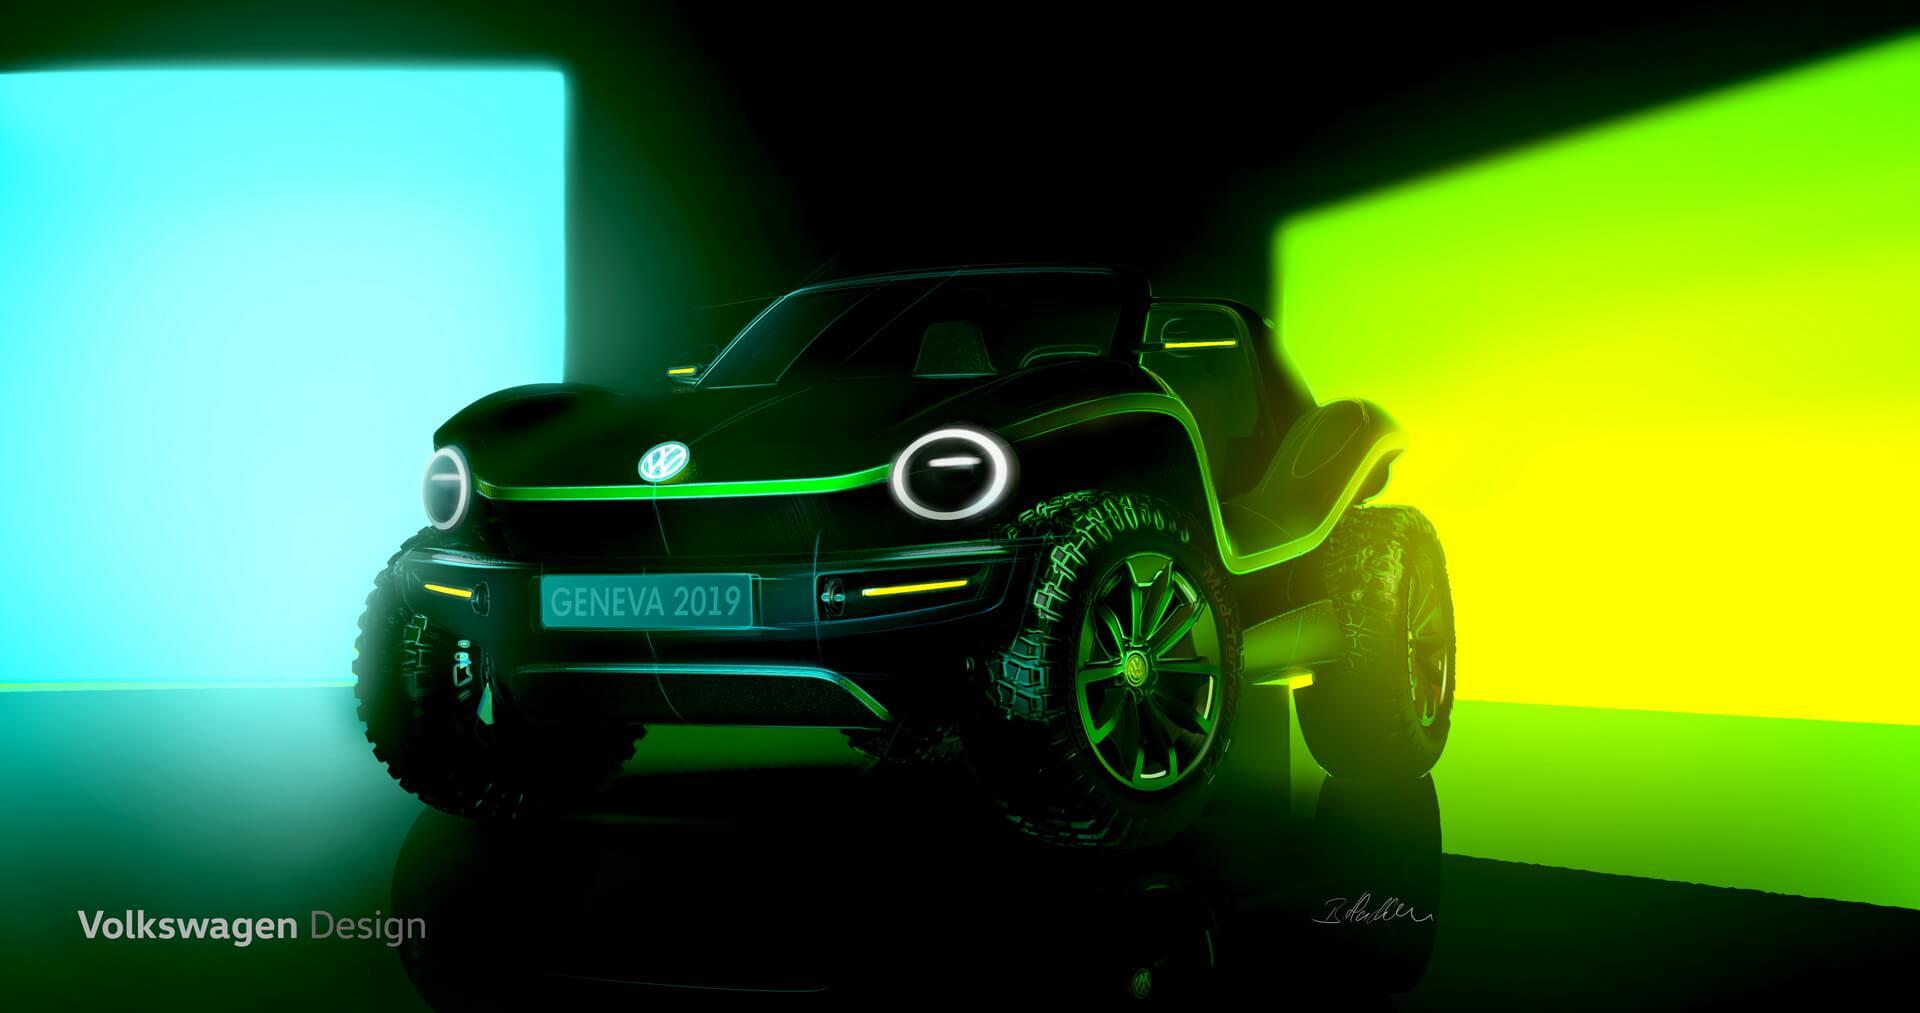 Тизер полностью электрической версии нового багги от Volkswagen на платформе MEB